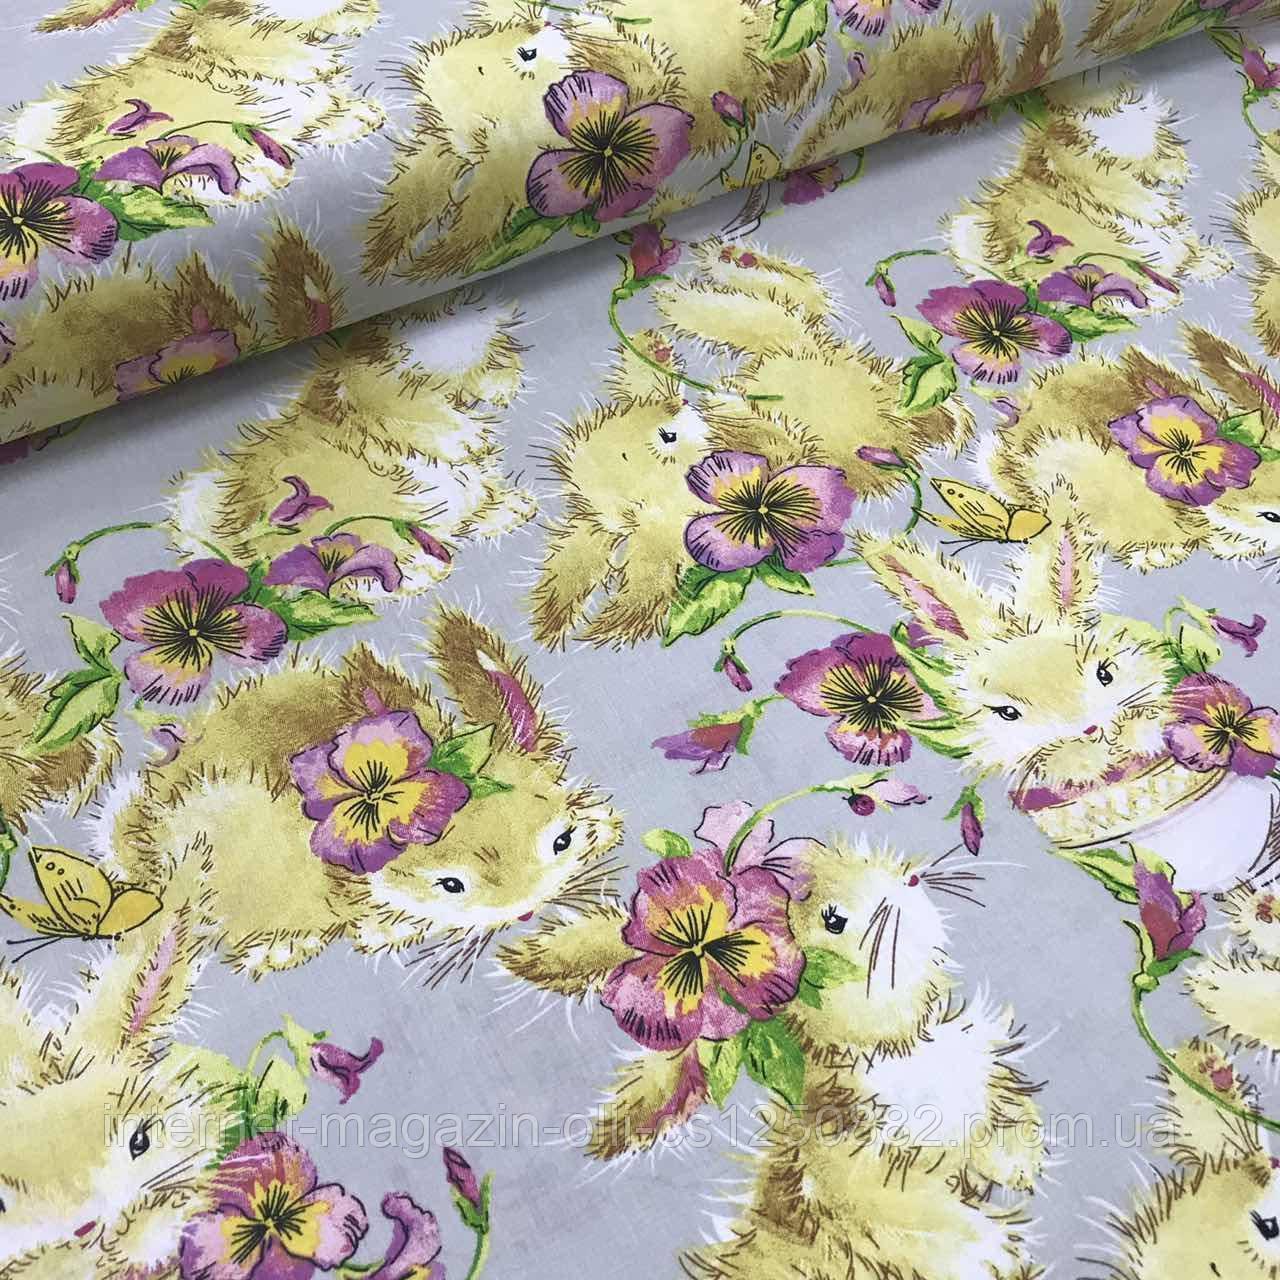 Хлопковая ткань польская кролики с цветами на сером ОТРЕЗ (0.9*1.6)